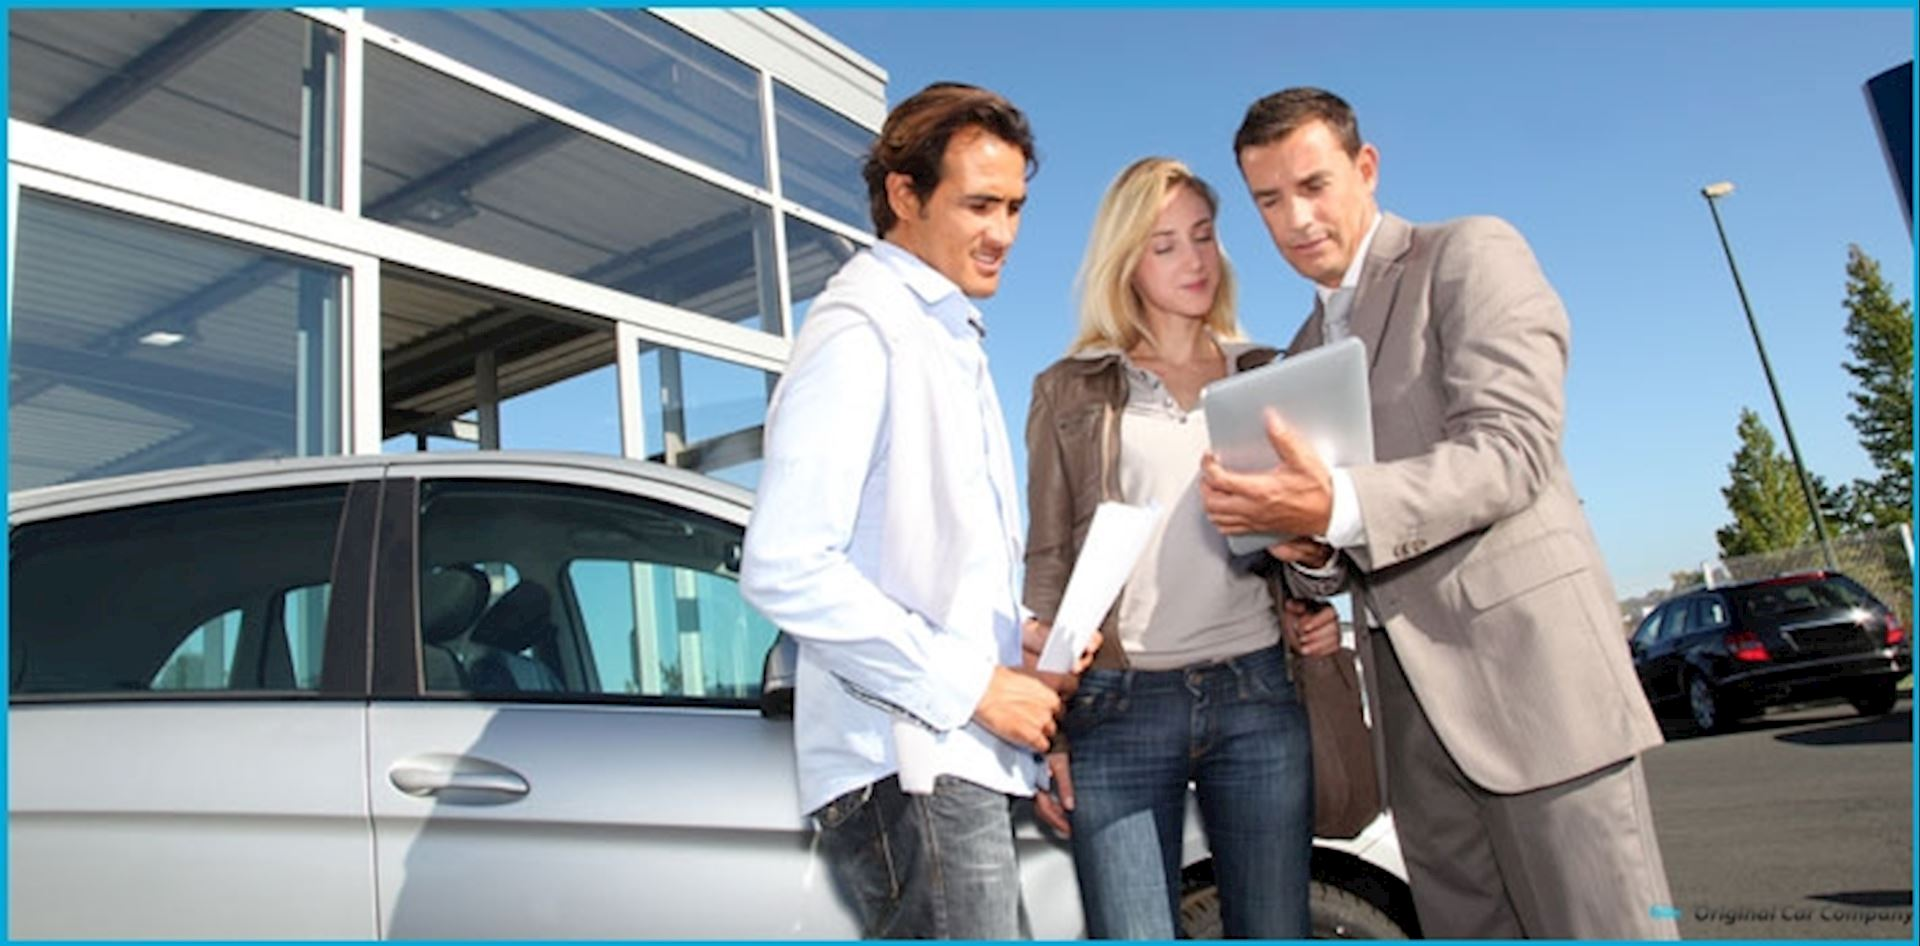 Be A Prepared Car Shopper